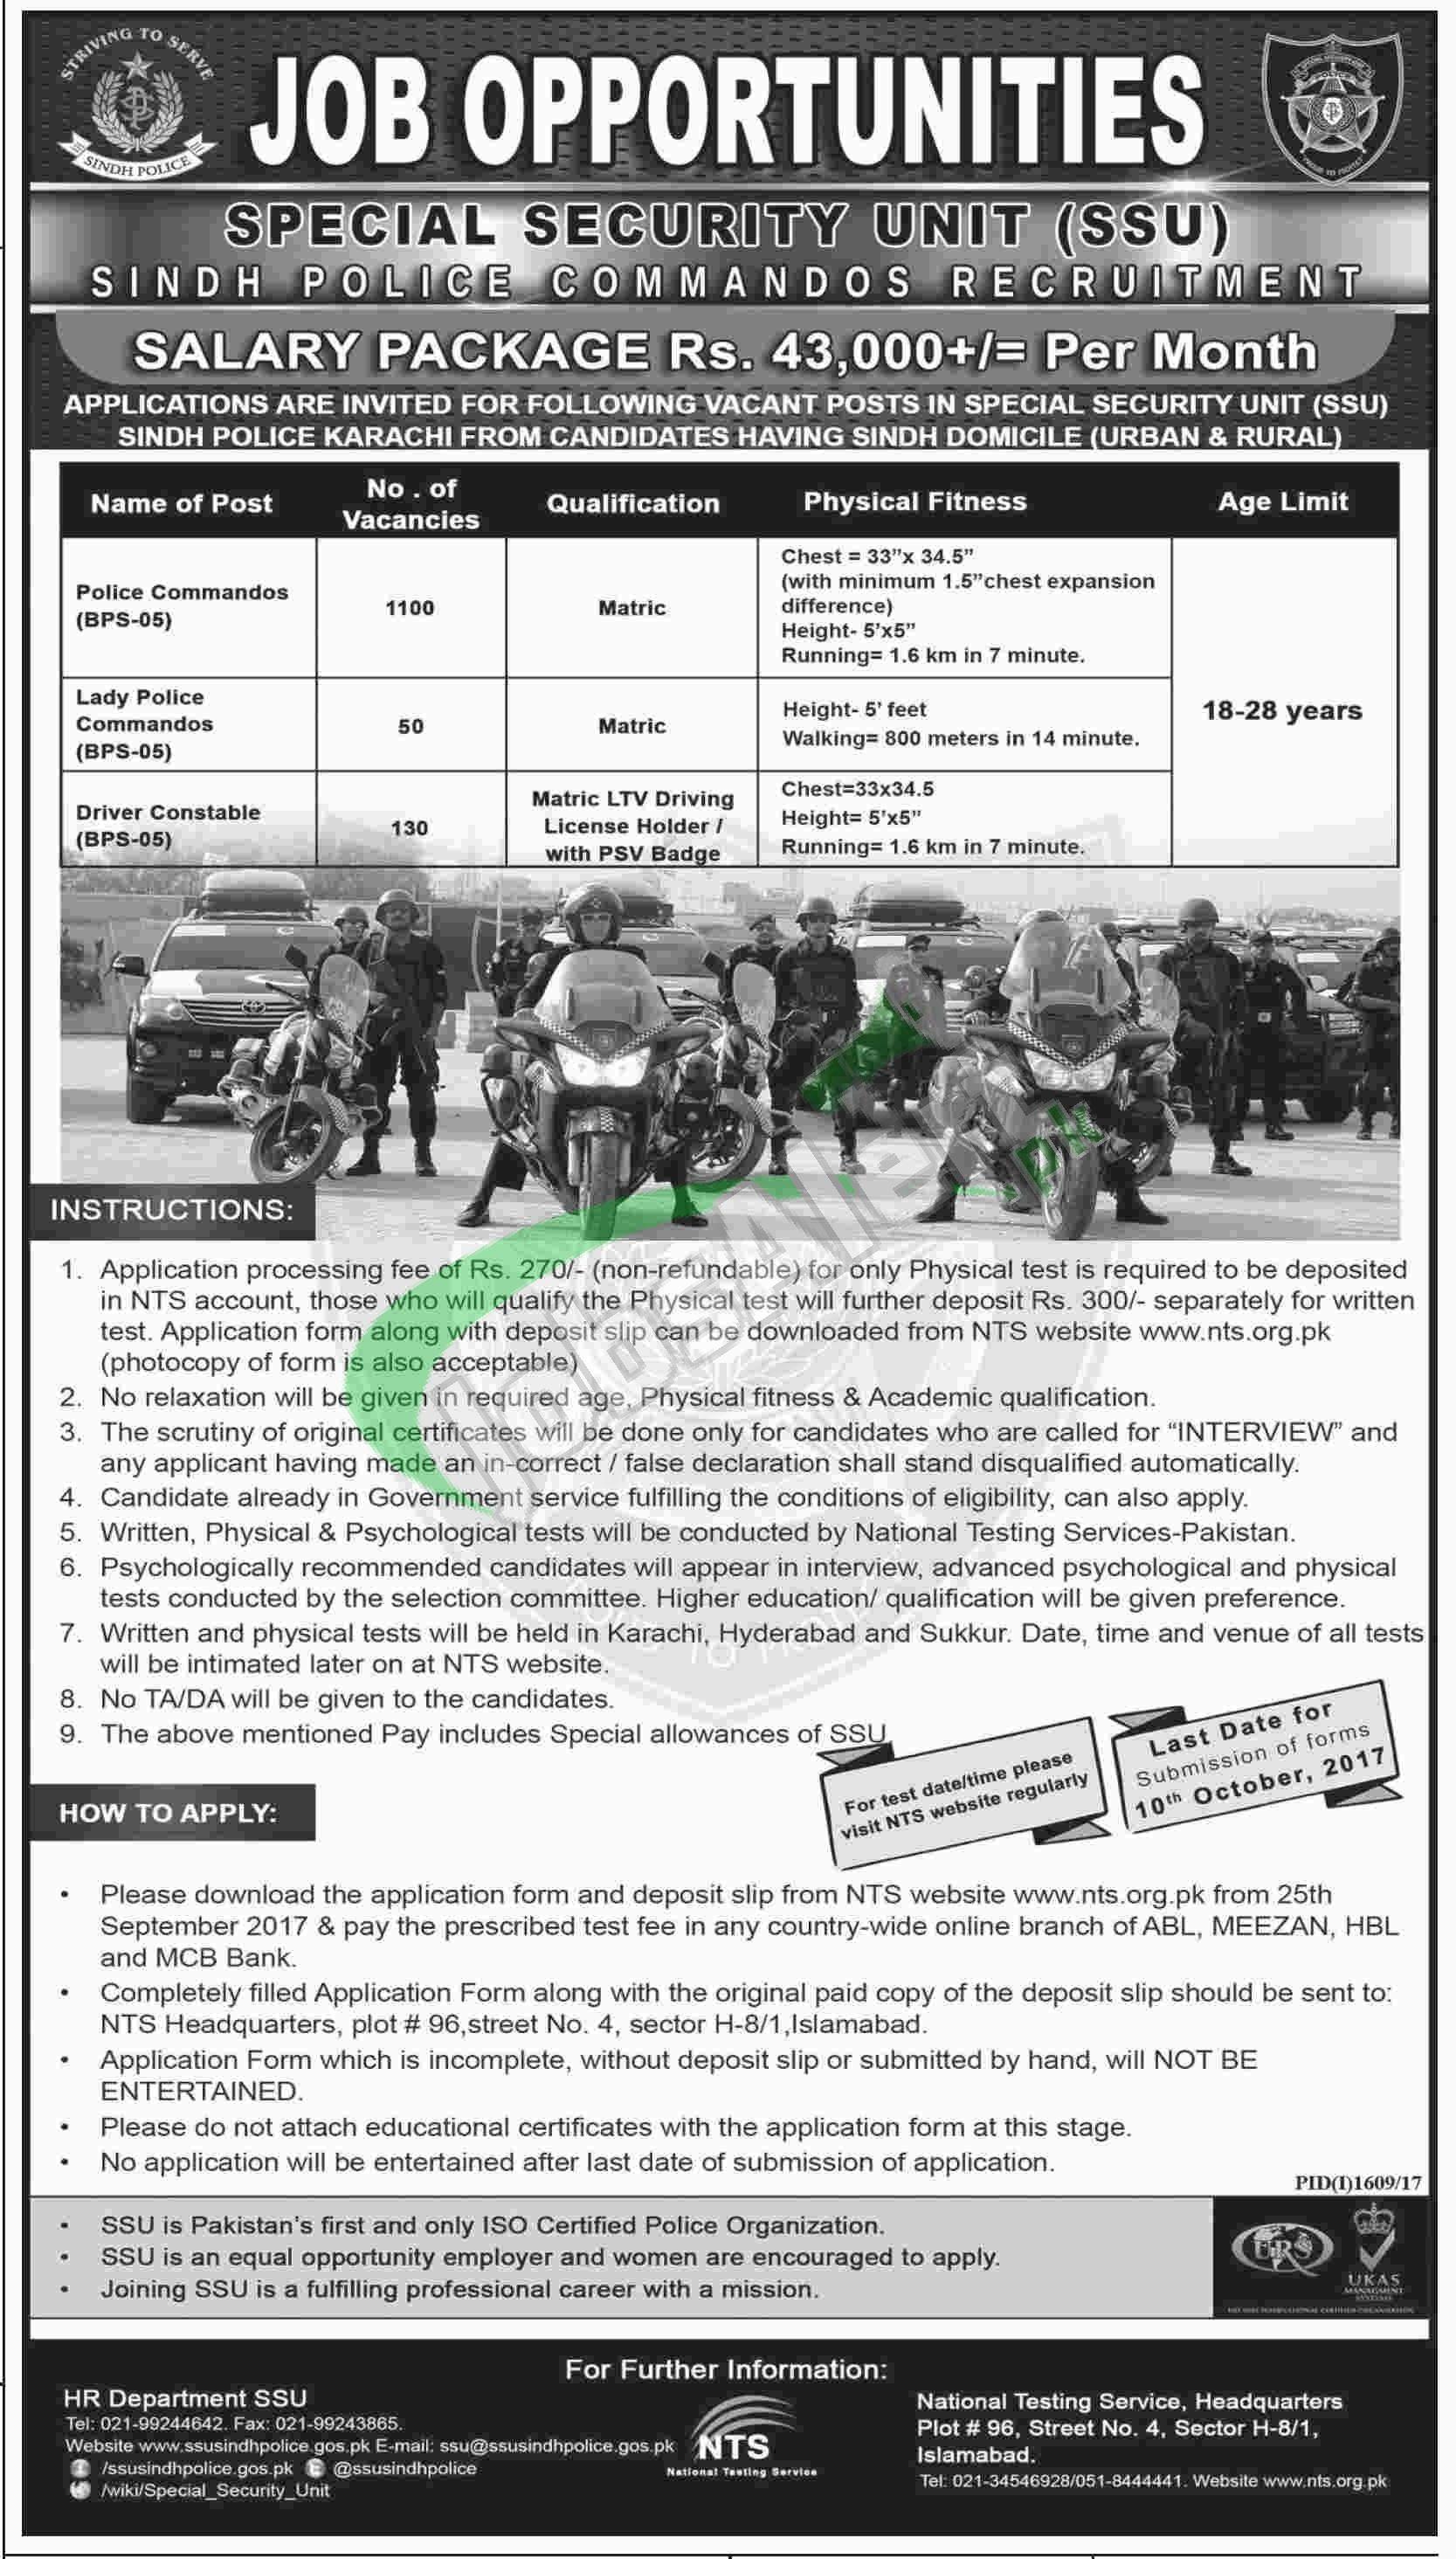 SSU Sindh Police Jobs 2017